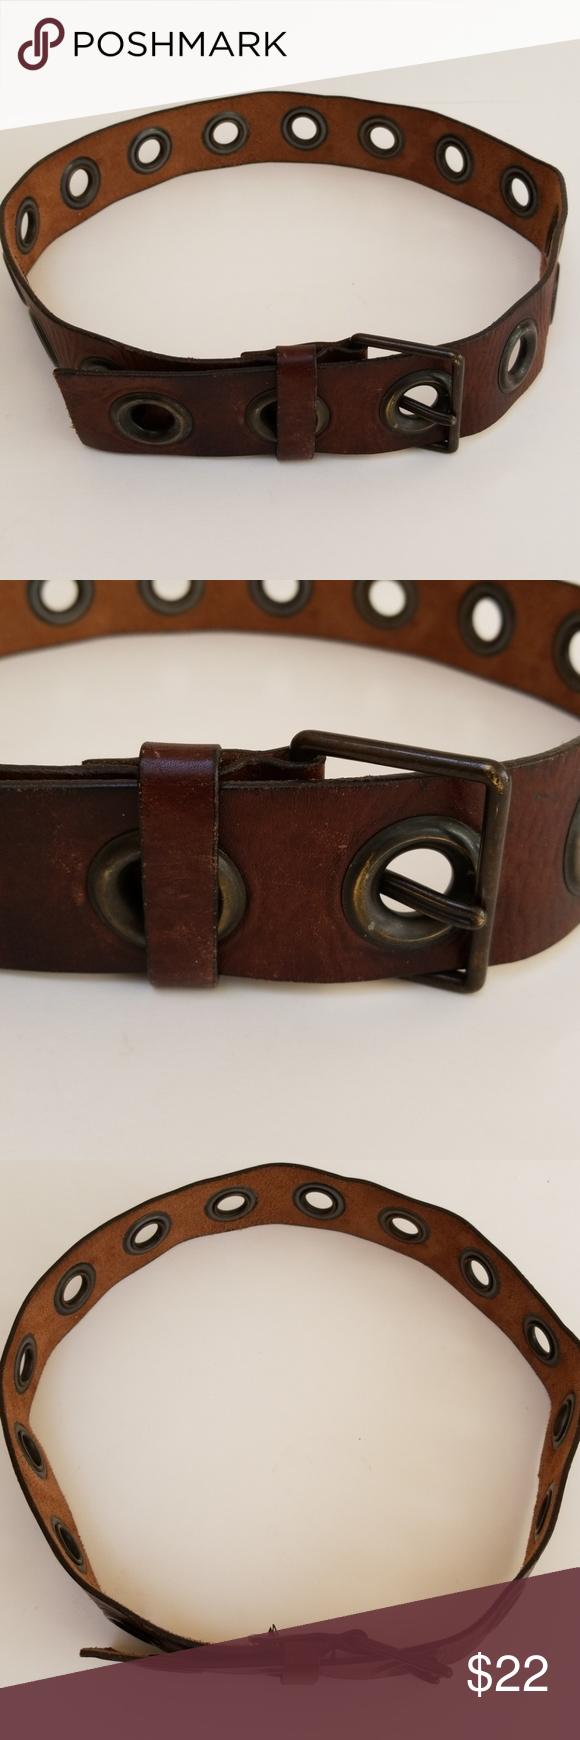 Express Belt Leather Belts Belt Leather